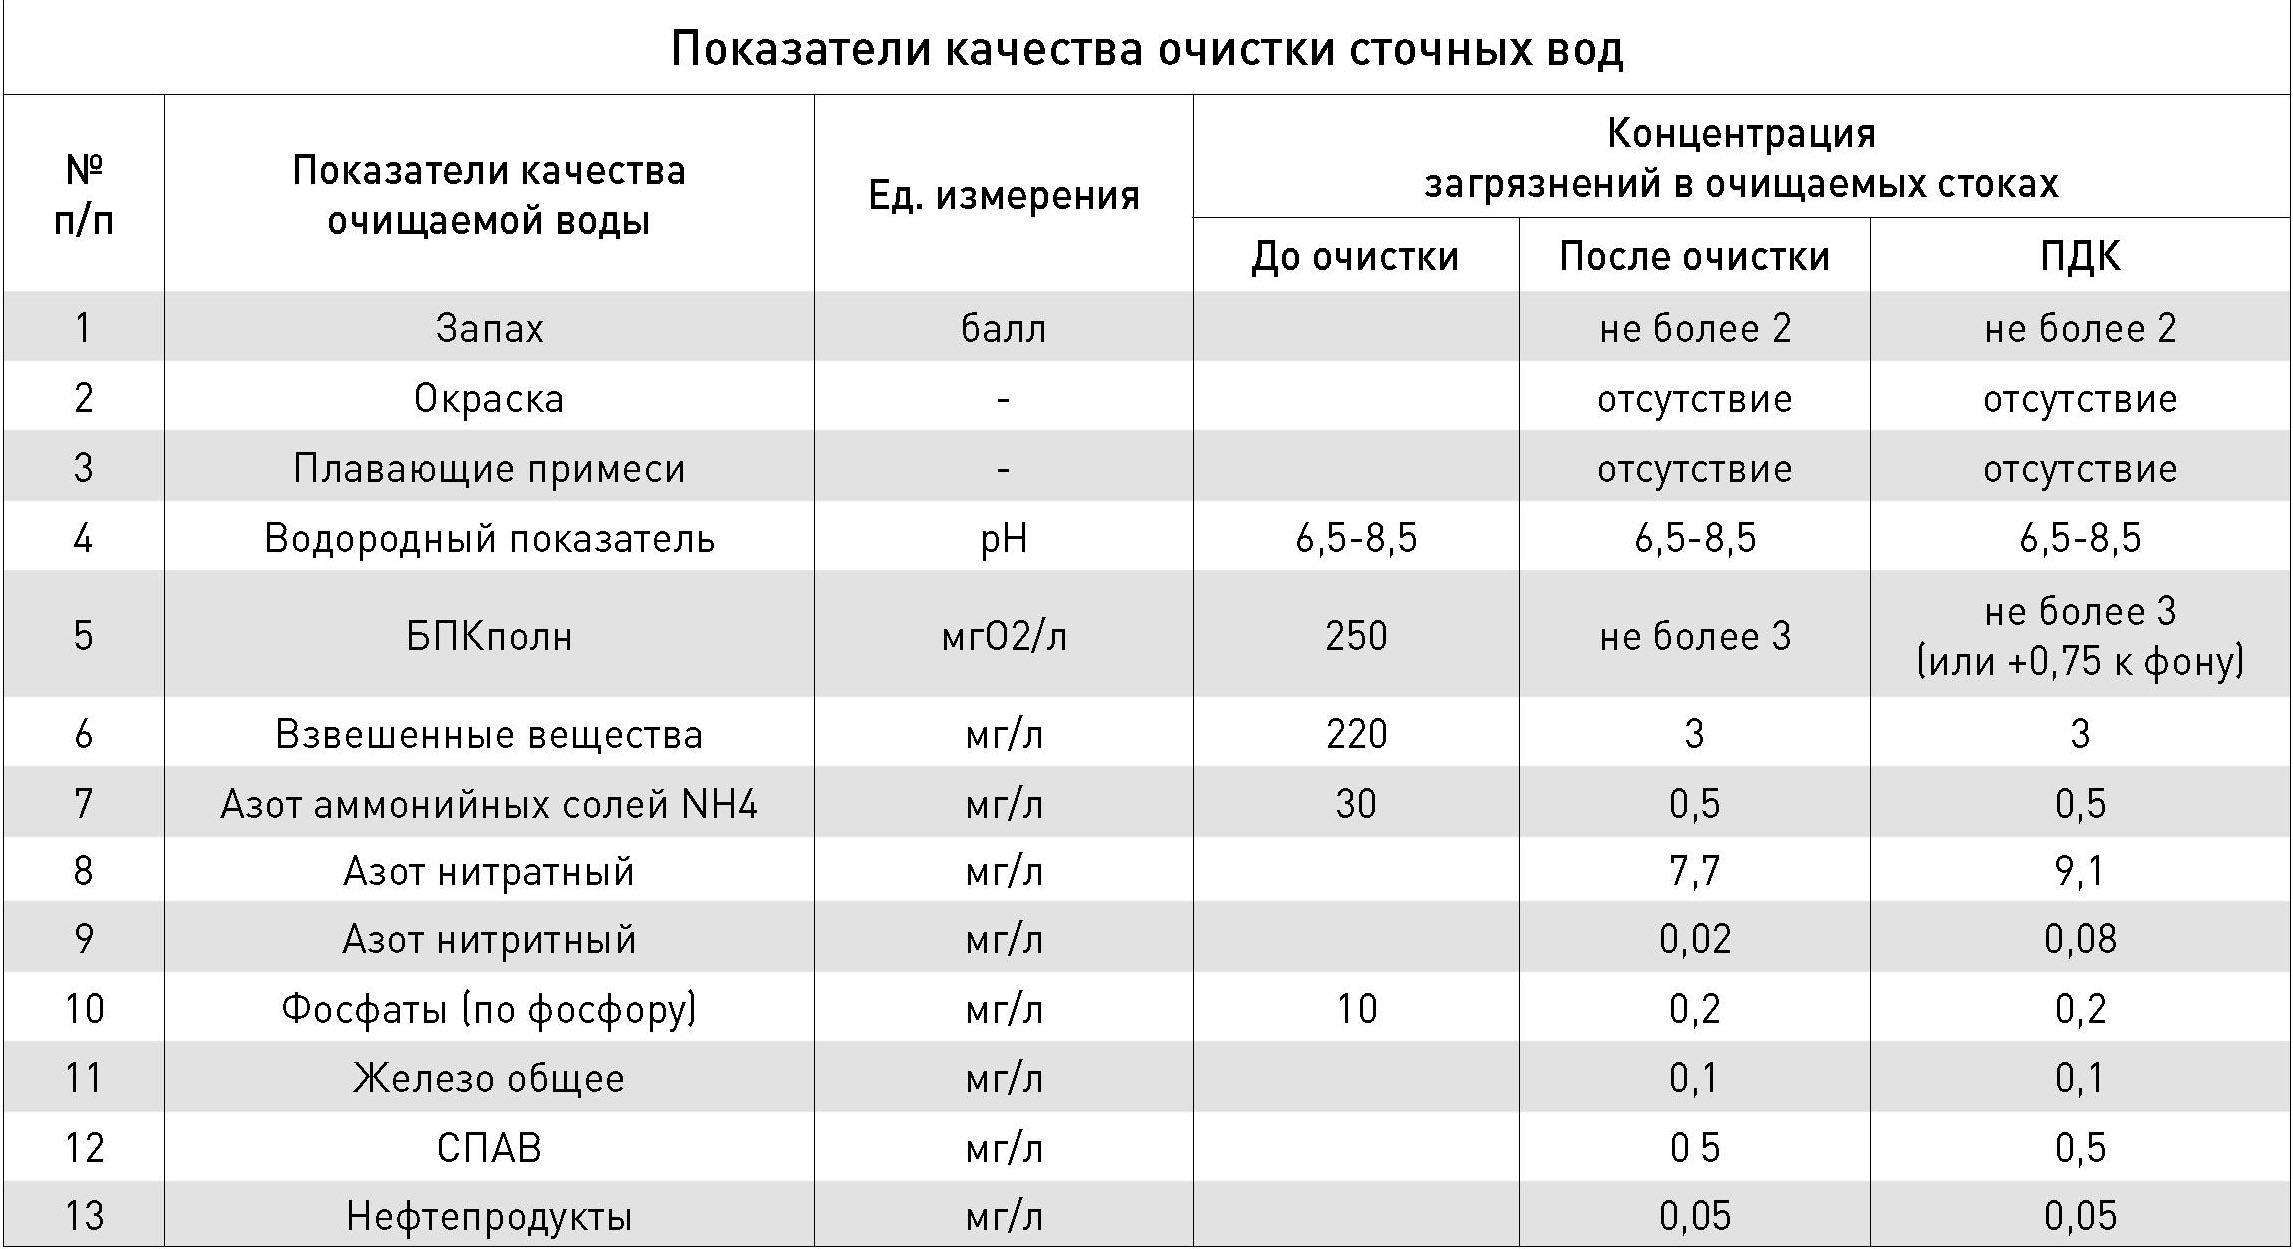 Показатели качества очистки сточных вод